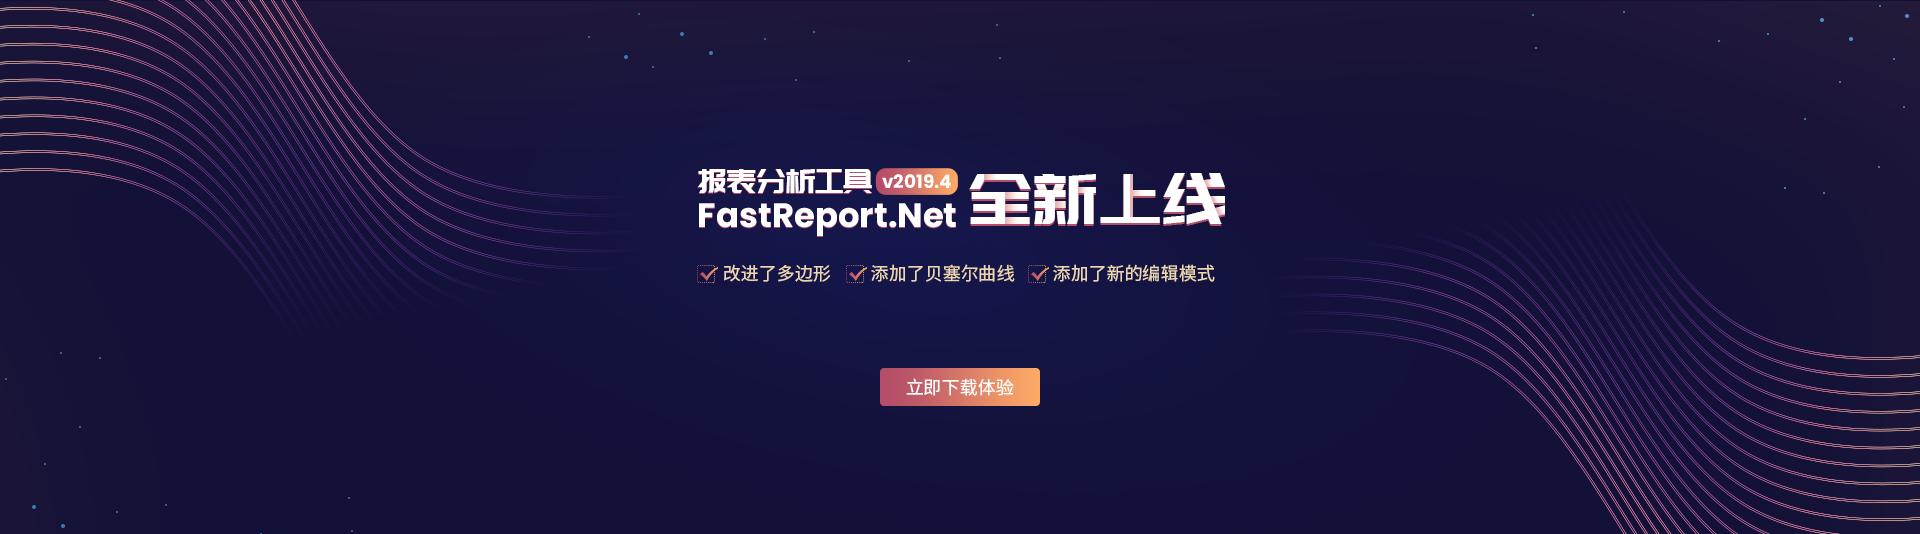 FastReport.Net2019.4大版本更新